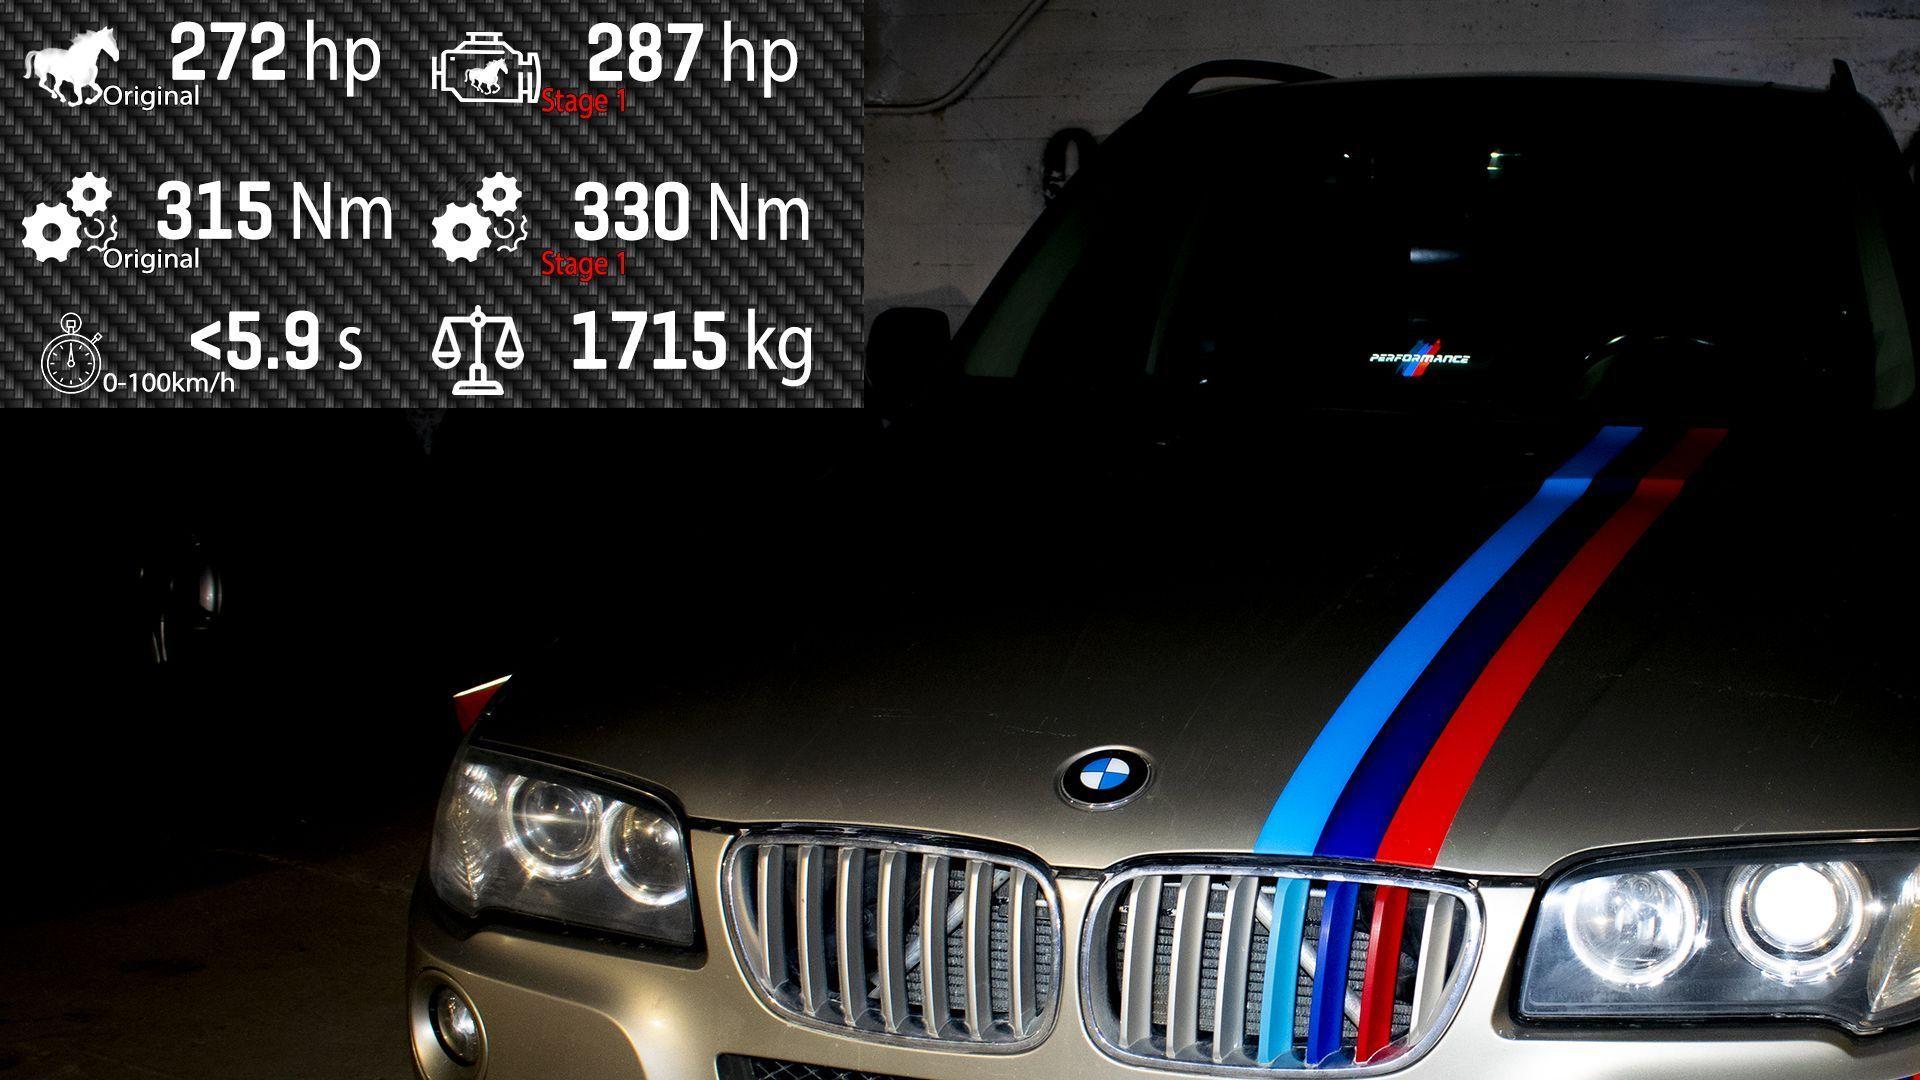 Как сделать чип тюнинг BMW своими руками? Тюнингуем ECU, автомобиль BMW X3 E83 2007.